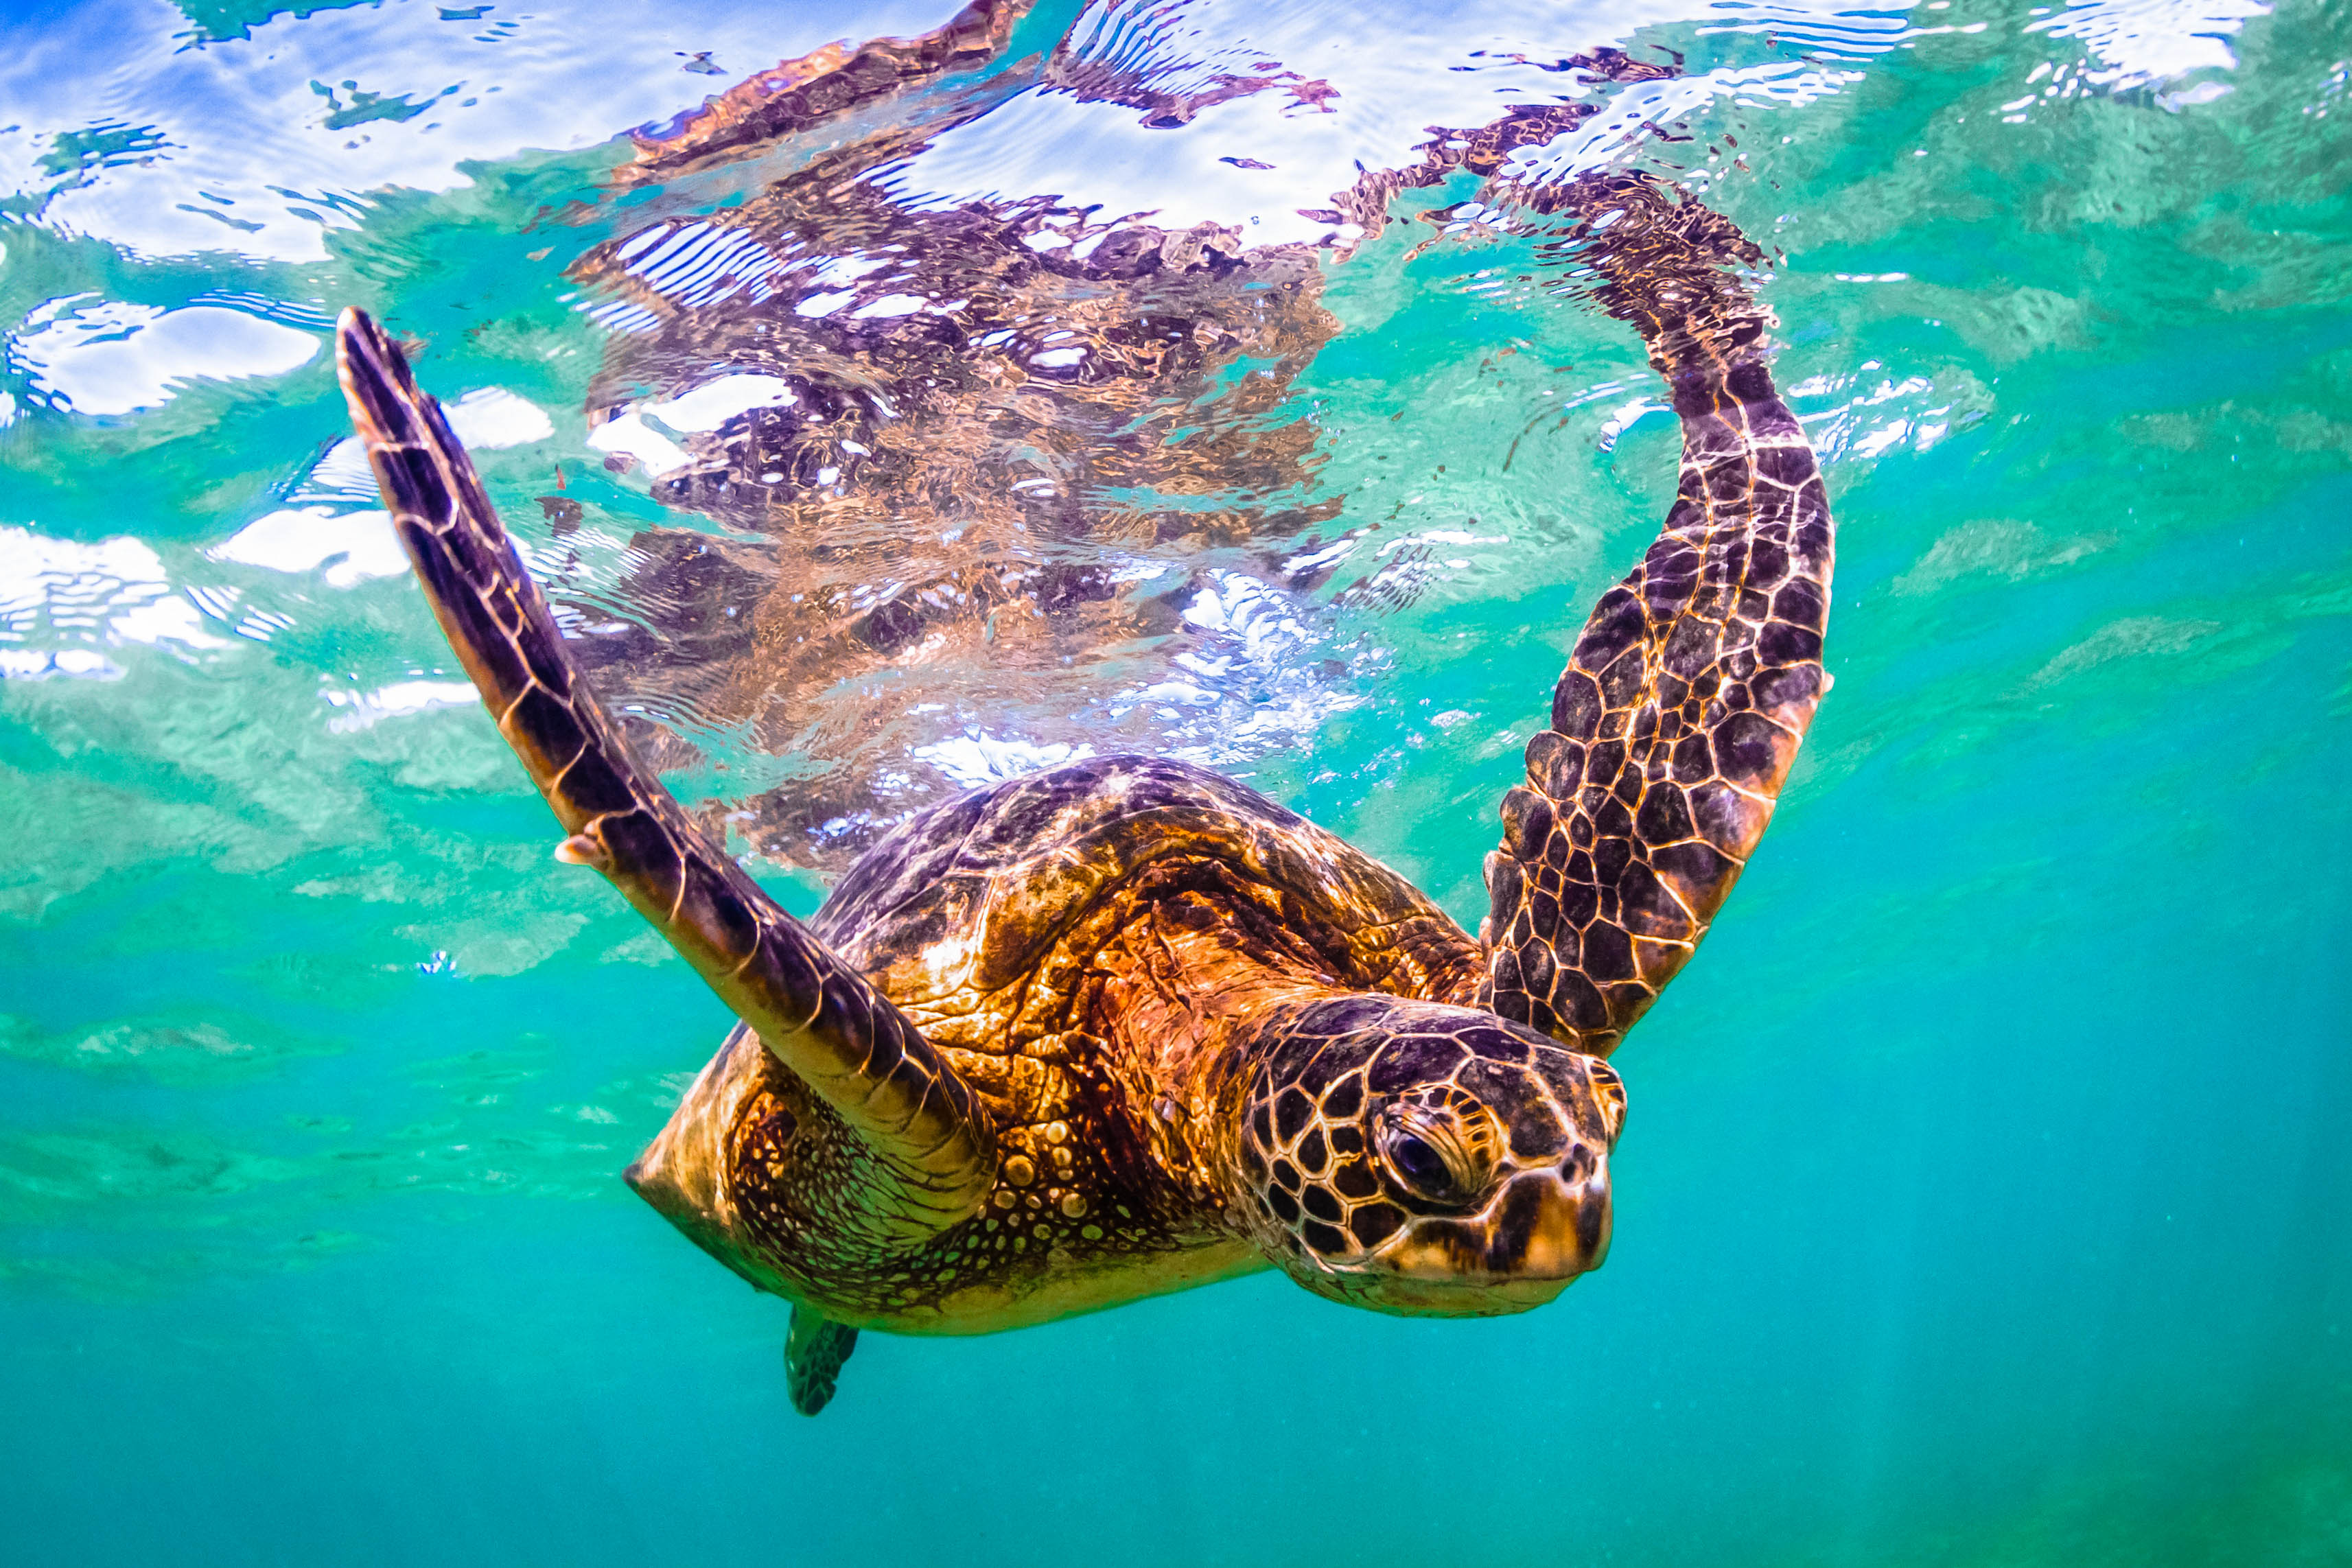 Schildkröte Turtle Abtauchen Tauchen Unterwasserwelt